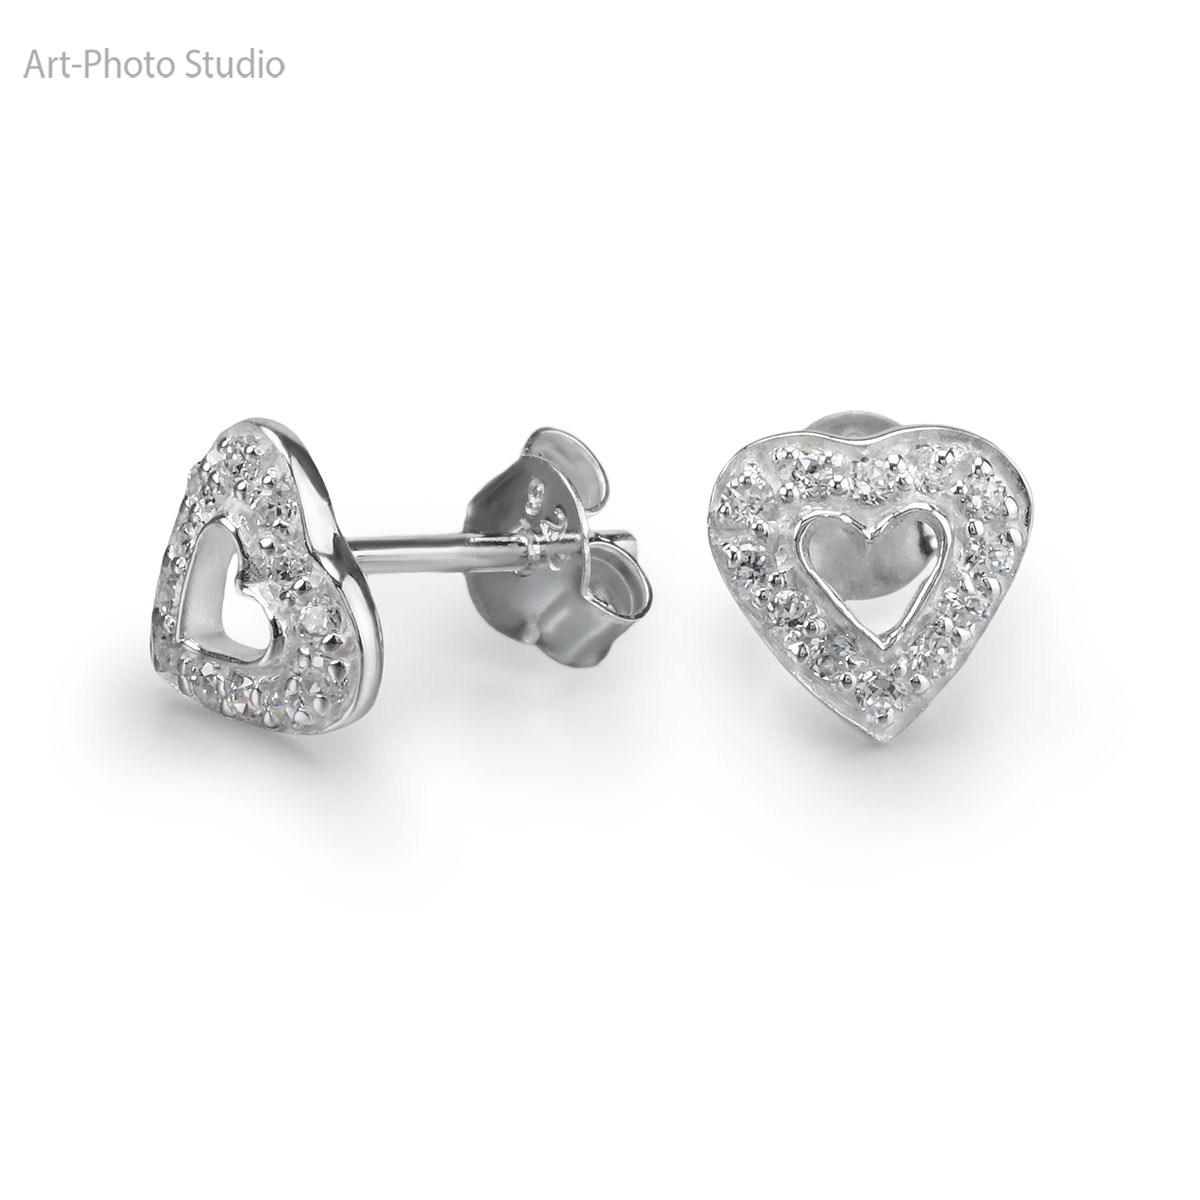 фотография ювелирных изделий - серьги-гвоздики из серебра